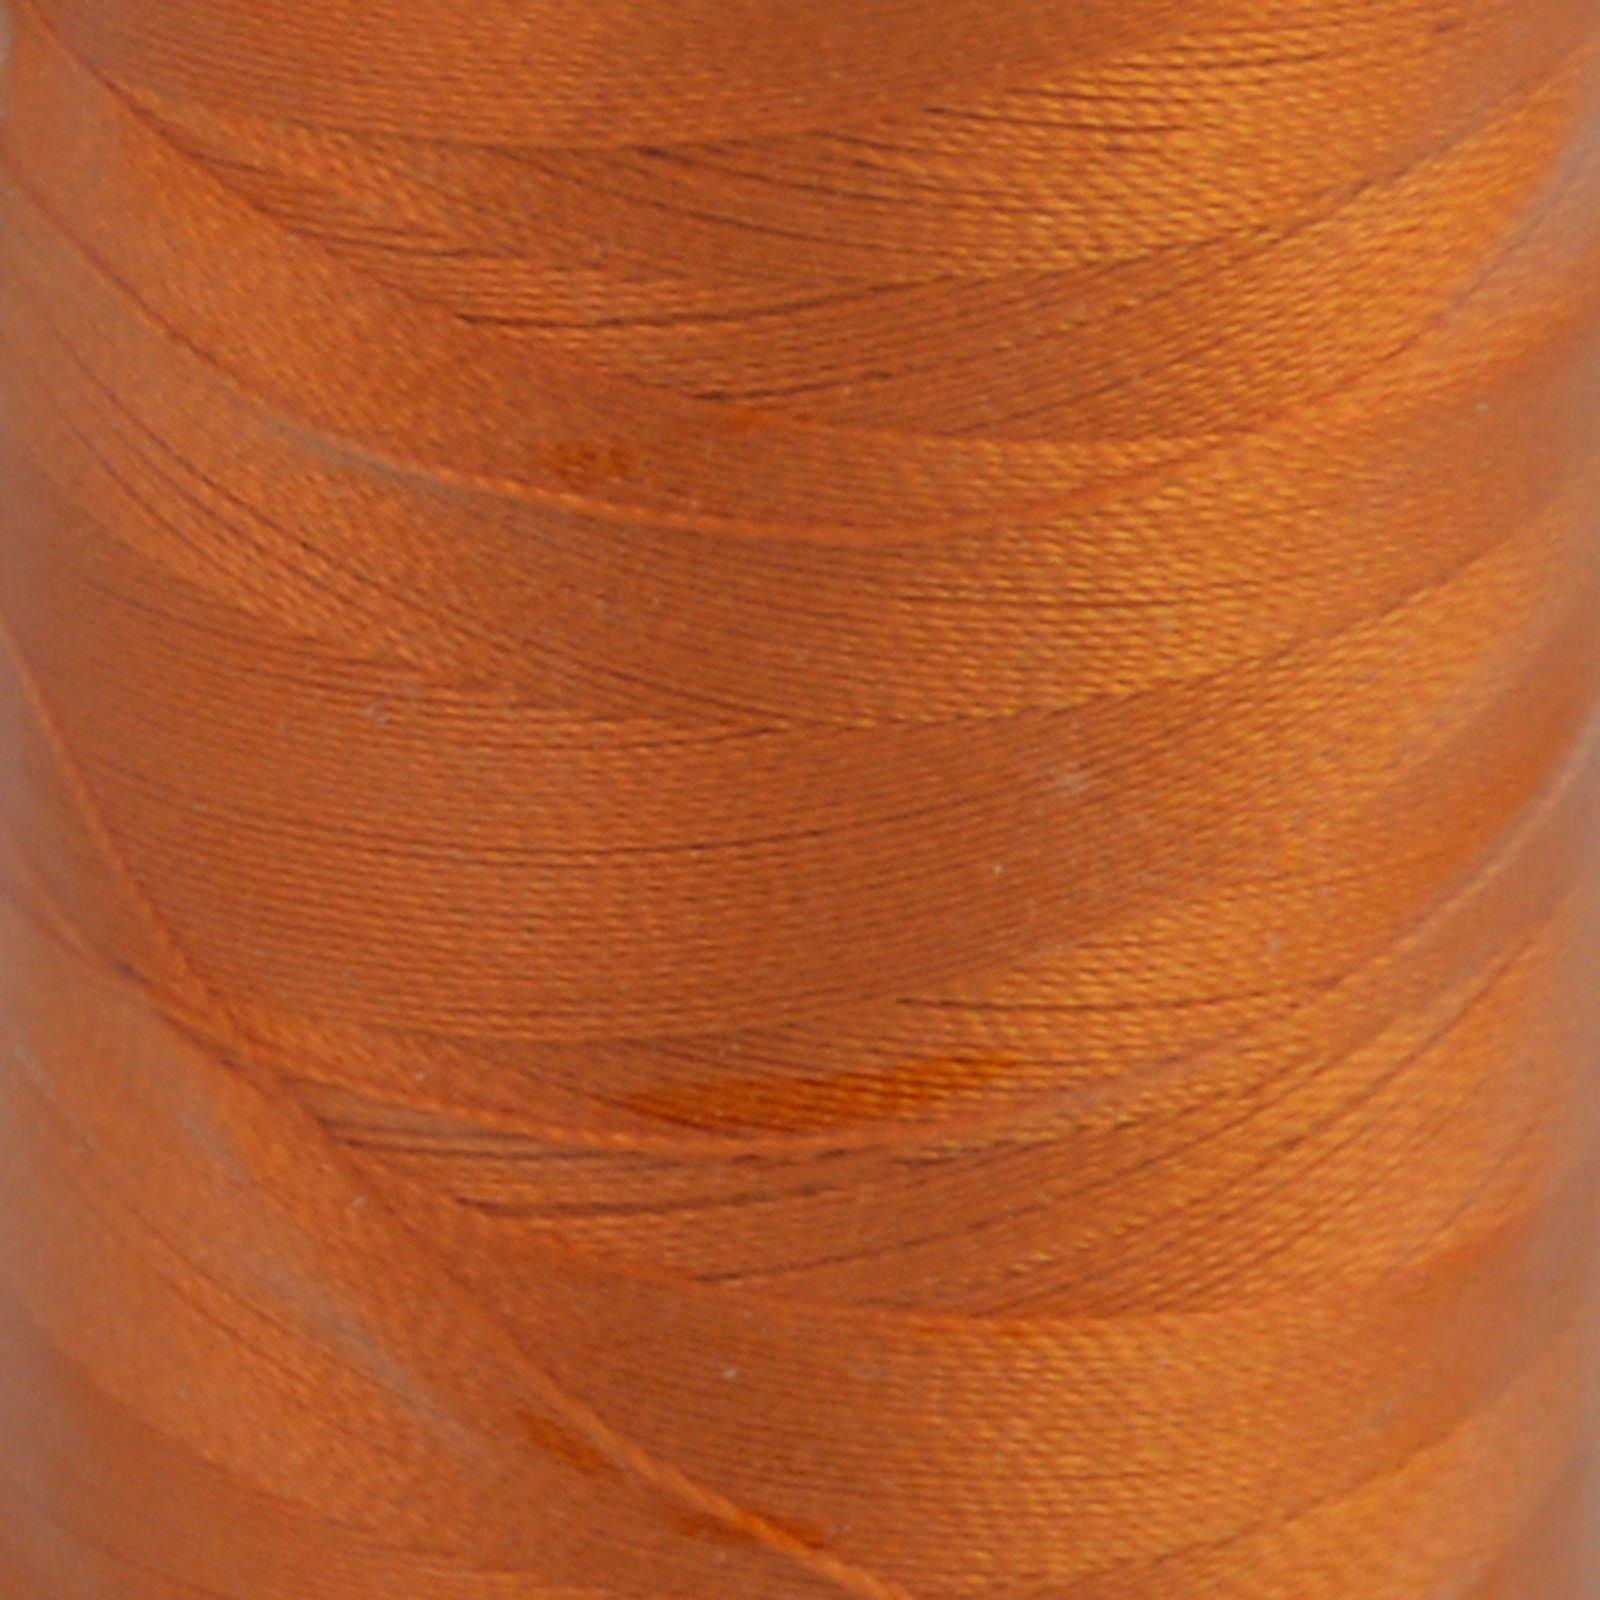 # 1133 Bright Orange